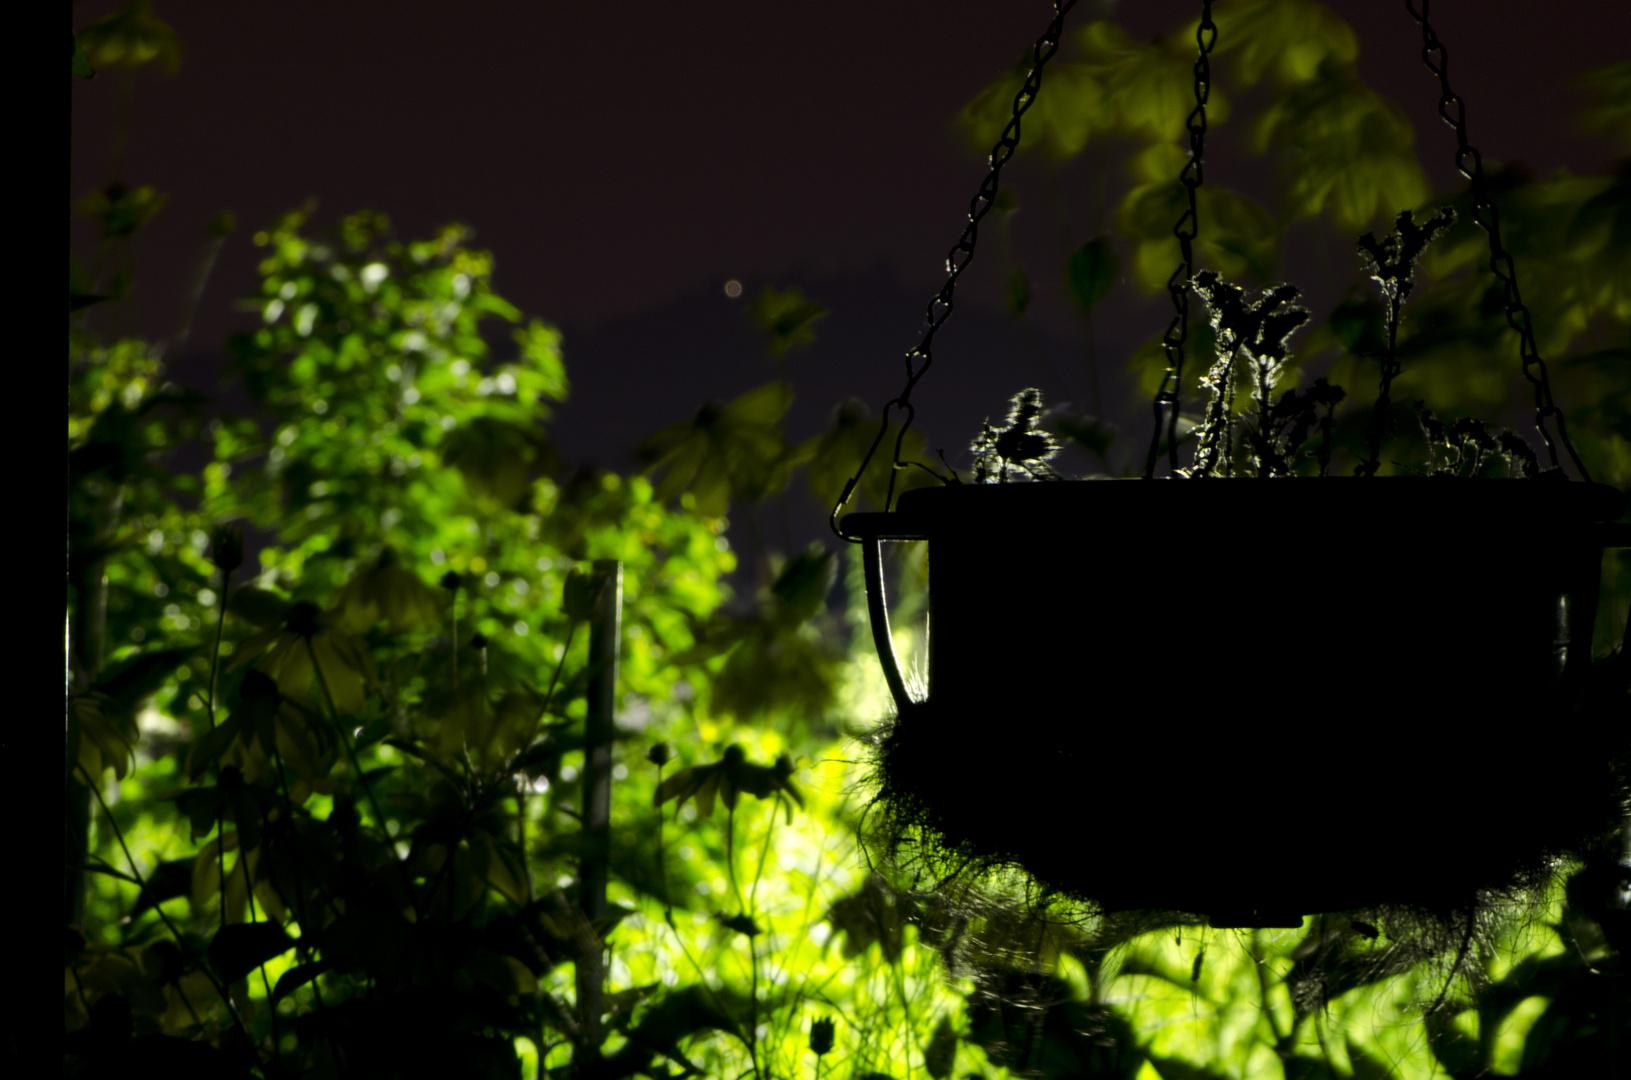 Hängepflanze bei Nacht